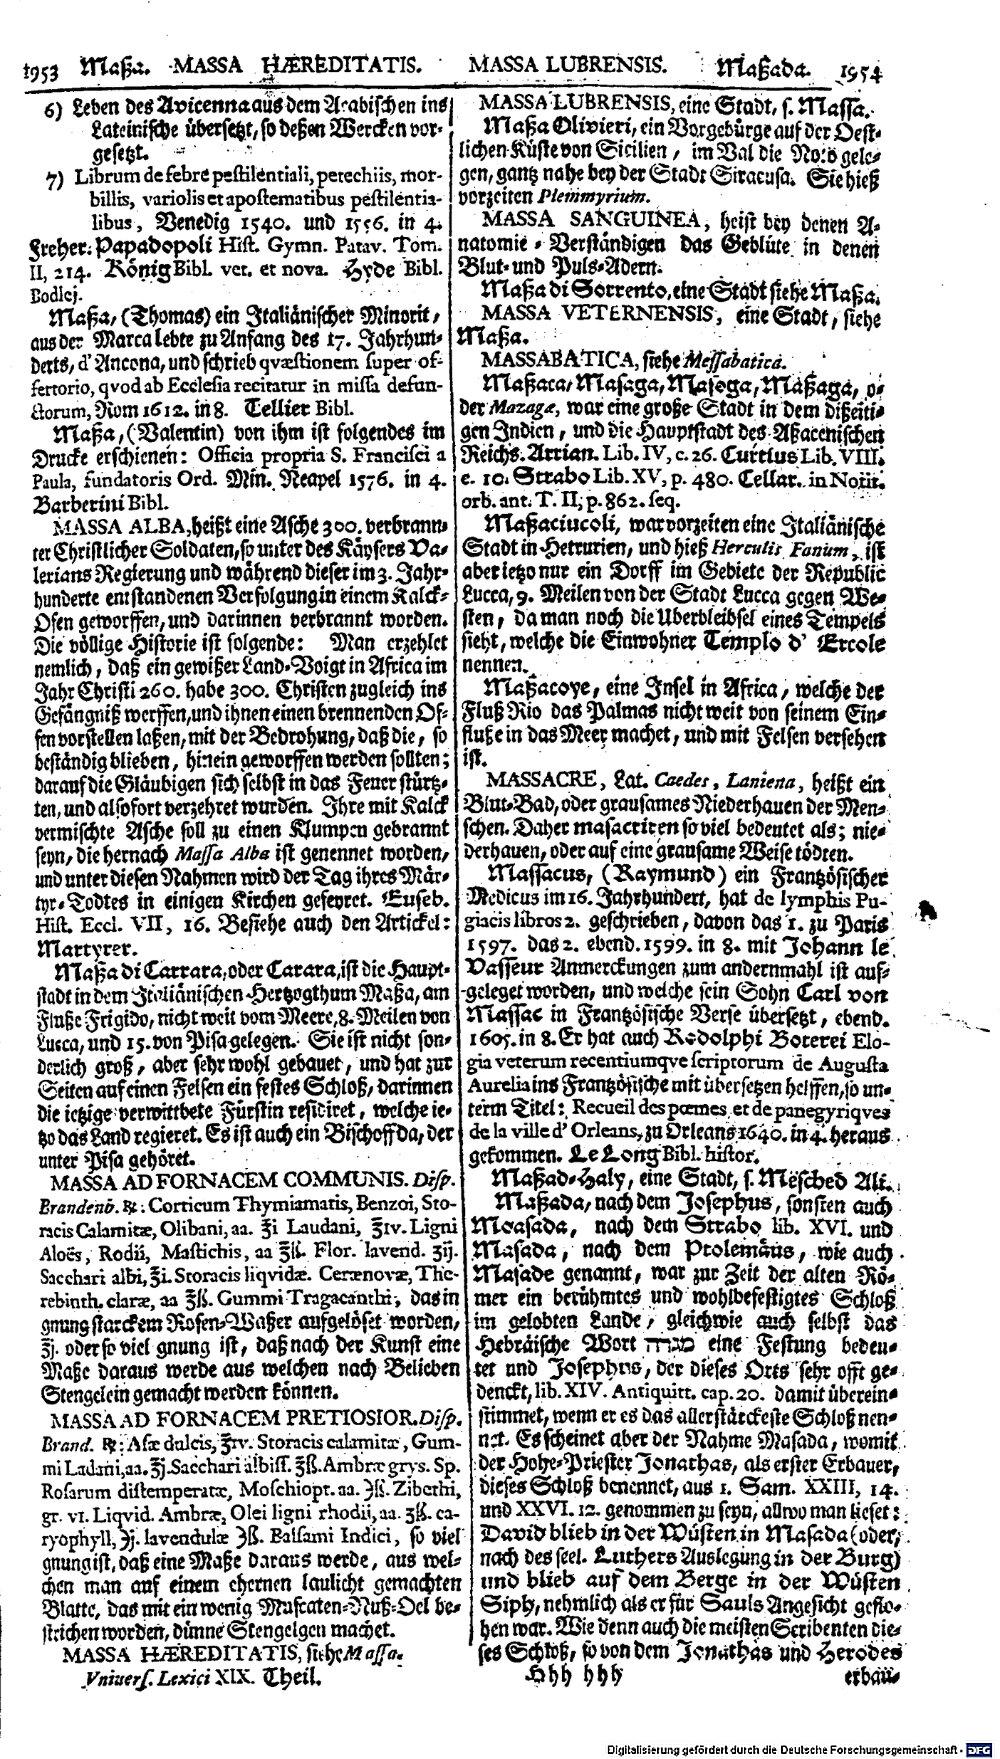 Bd. 19, Seite 1025.